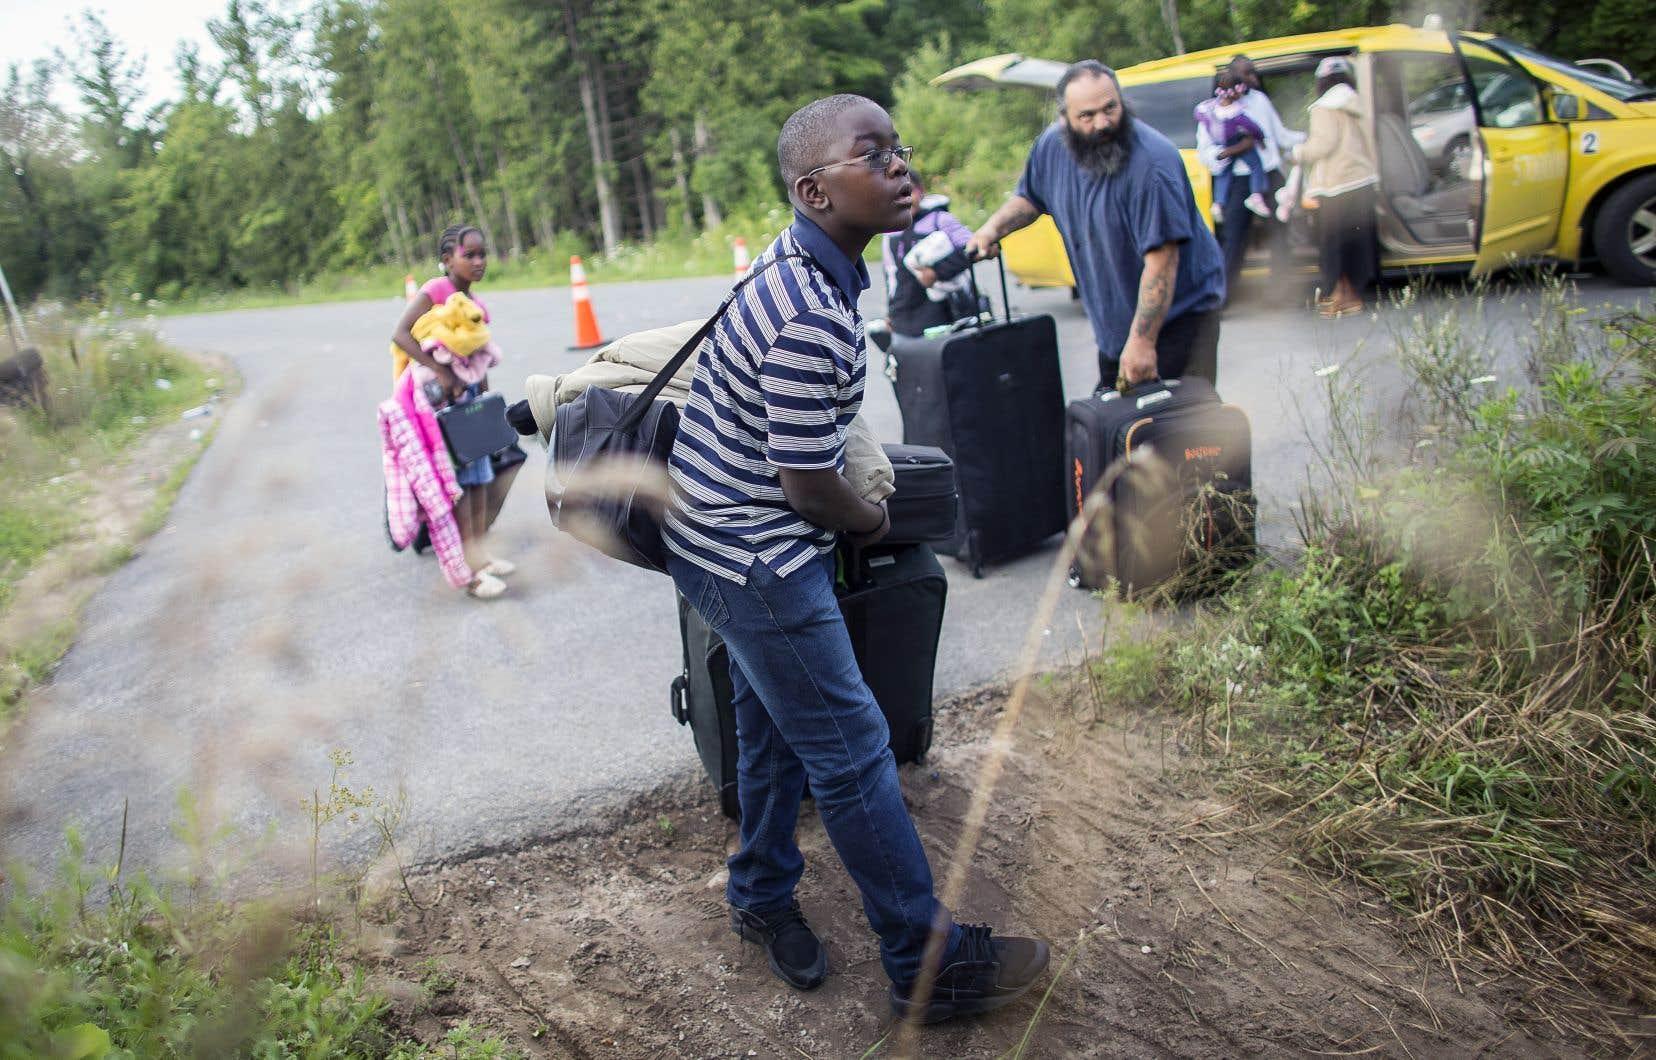 Un groupe de migrants s'apprêtaient en août 2017 à traverser la frontière de manière irrégulière à Saint-Bernard-de-Lacolle pour demander l'asile au Canada, comme le permet l'Entente sur les tiers pays sûrs.